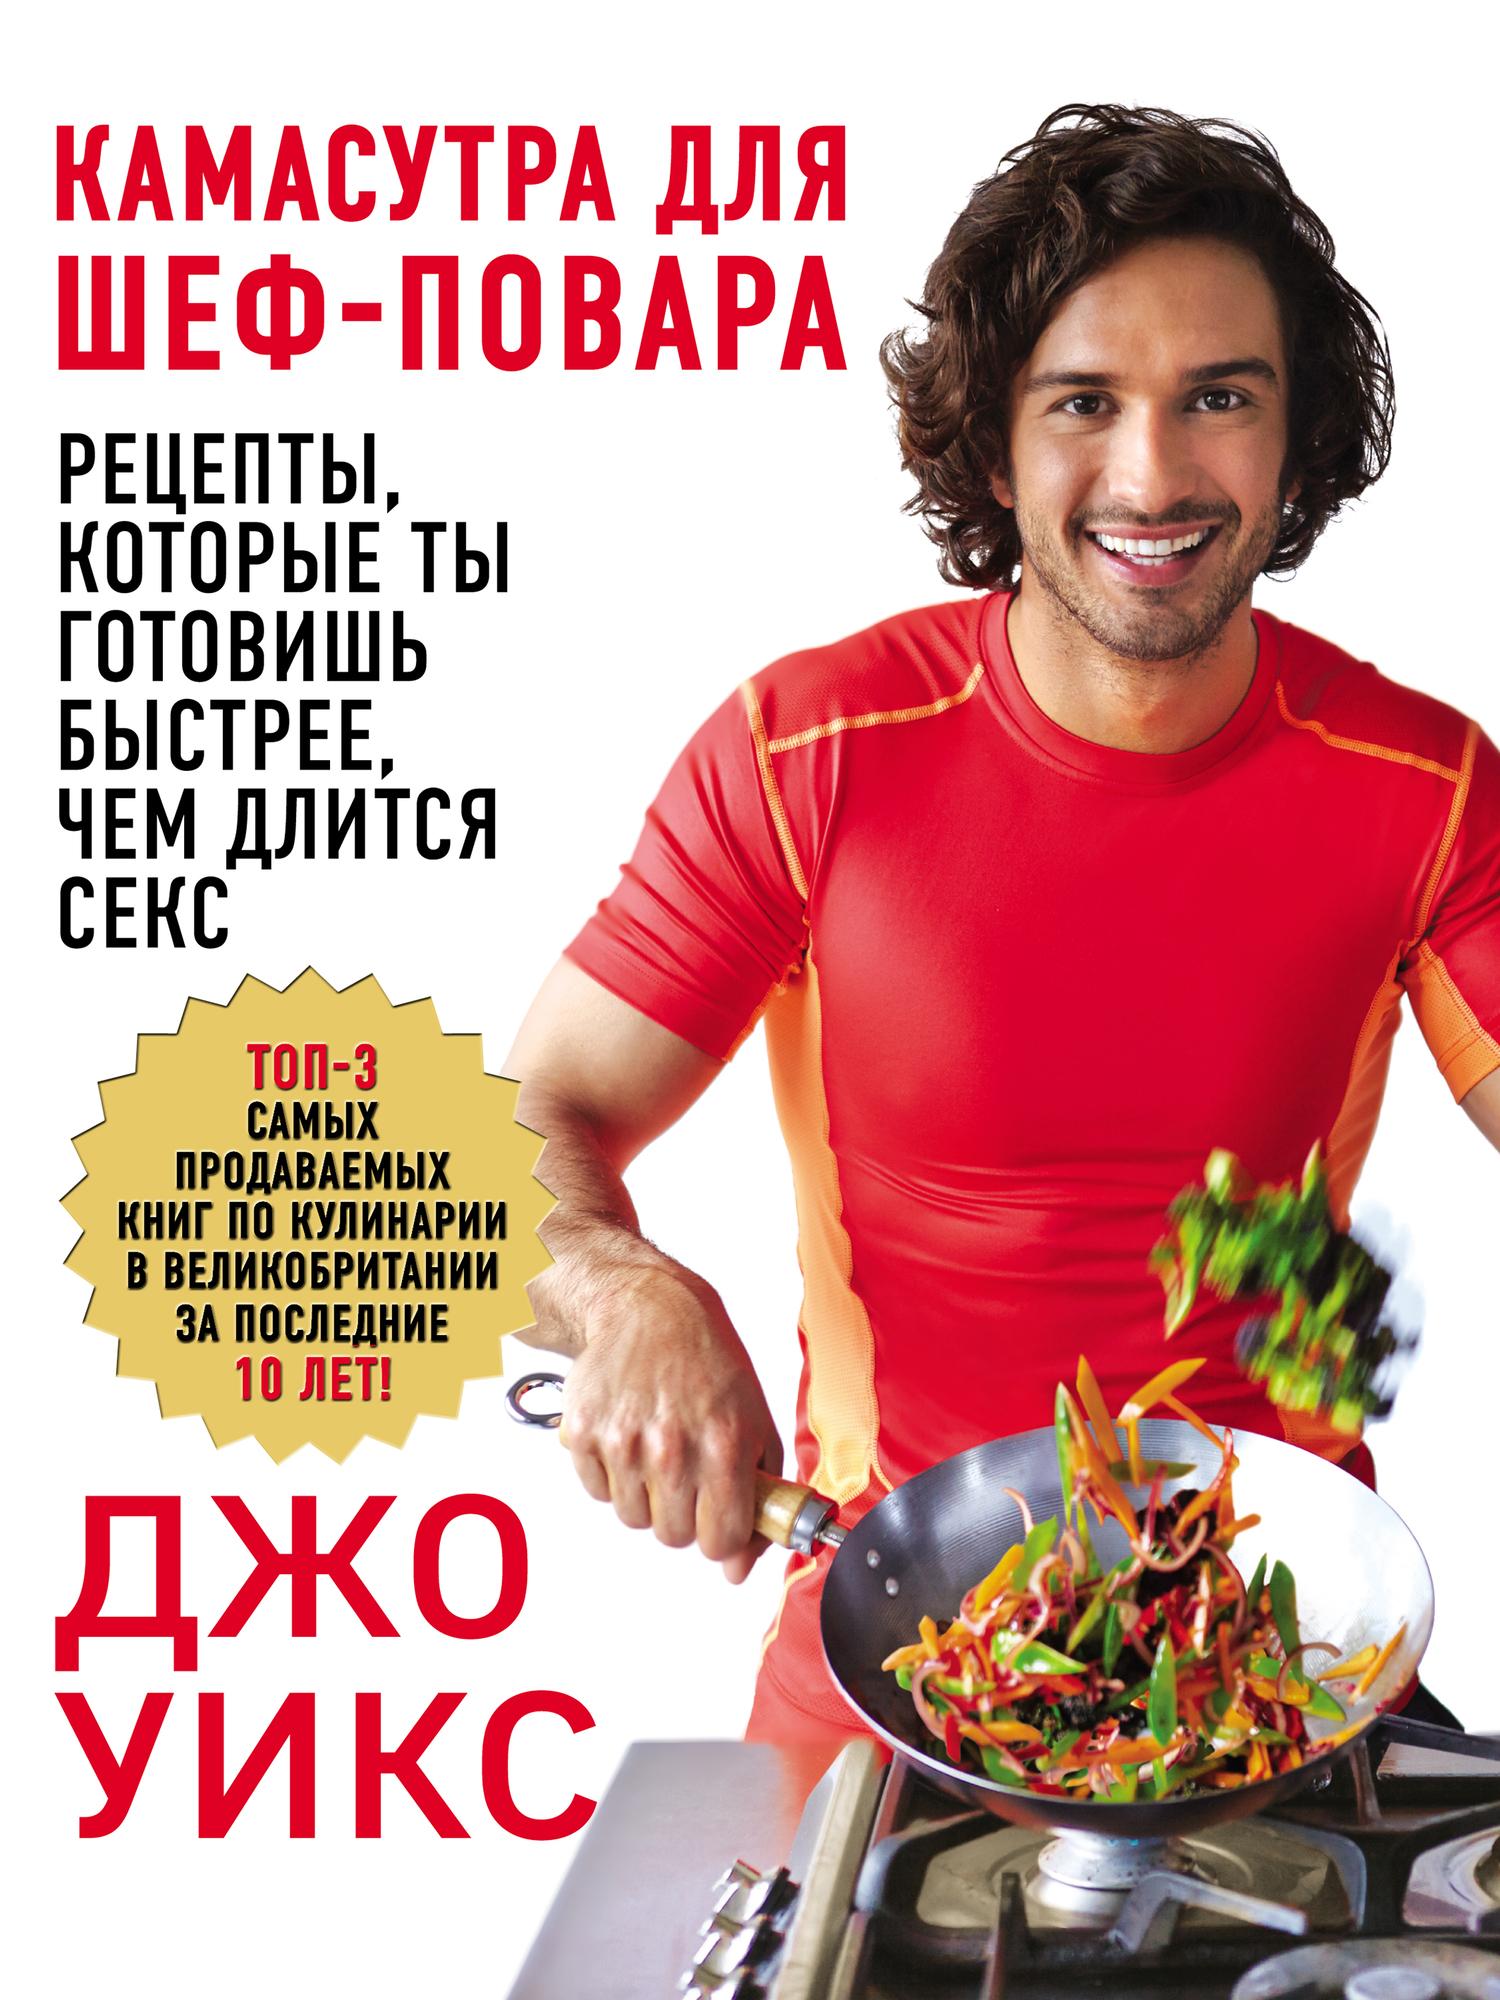 Джо Уикс Камасутра для шеф-повара. Рецепты, которые ты готовишь быстрее, чем длится секс китель шеф повара москва